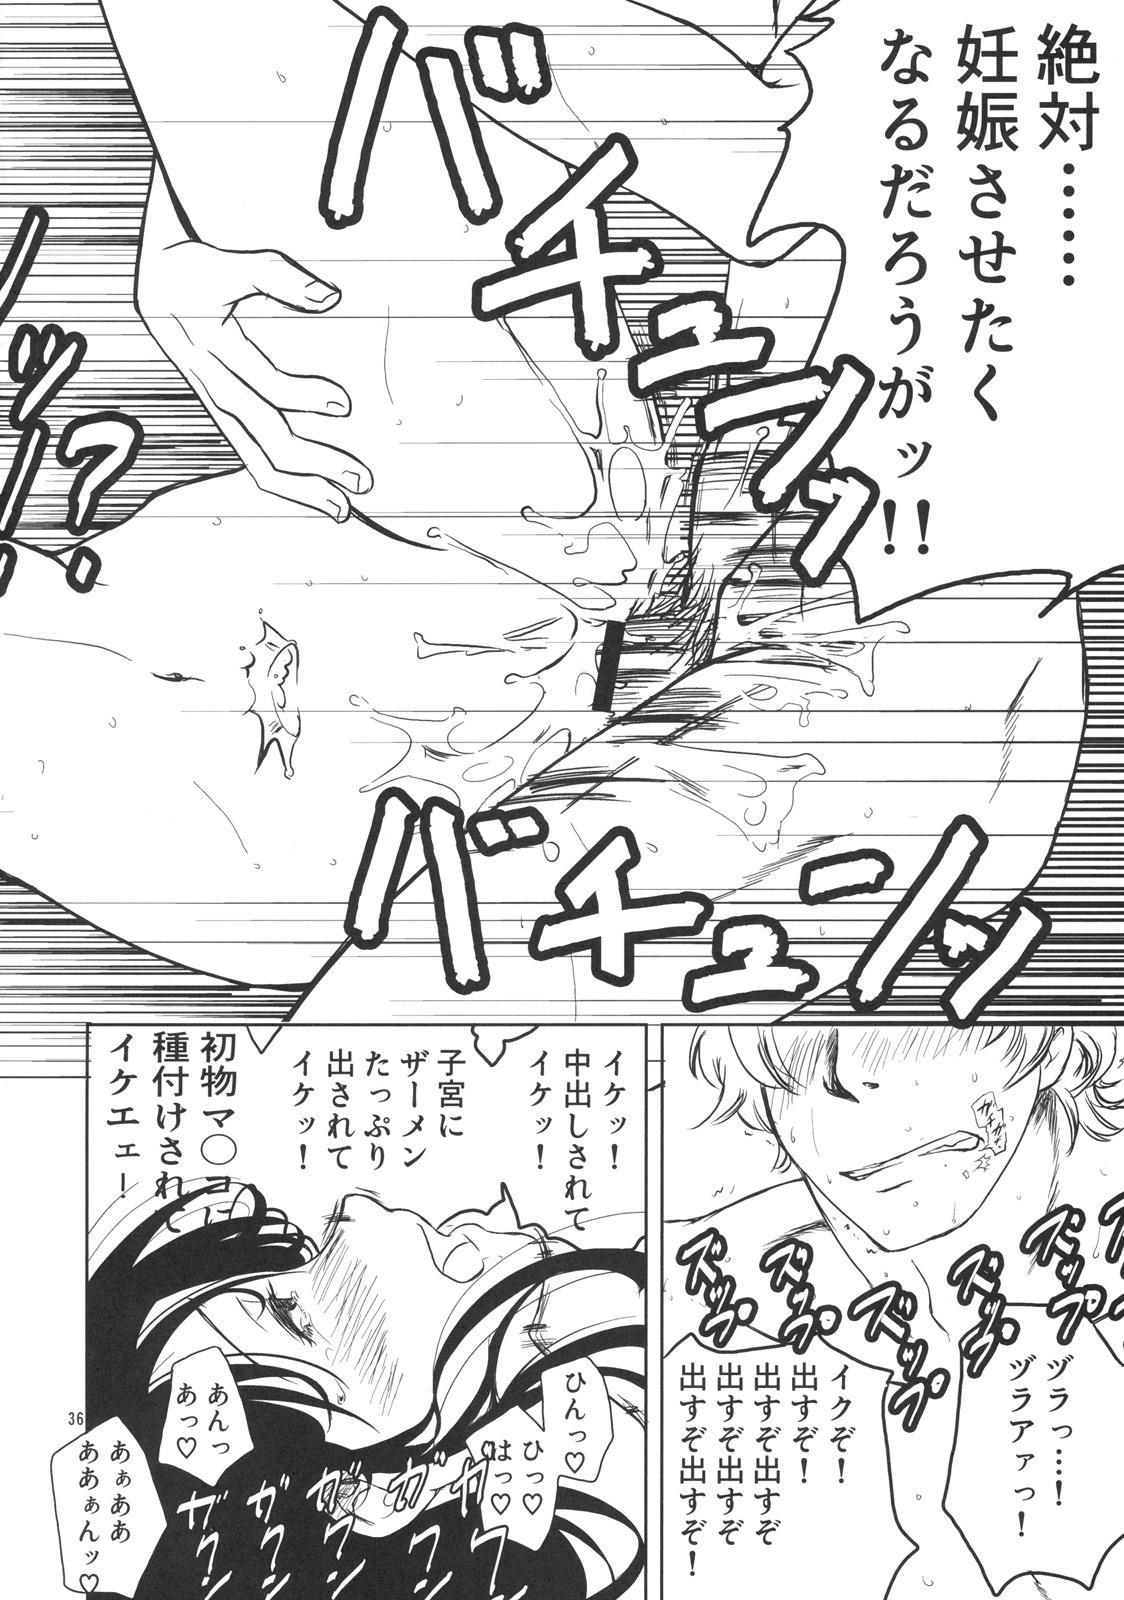 Osananajimi wo Harama Serutatta Hitotsu 34